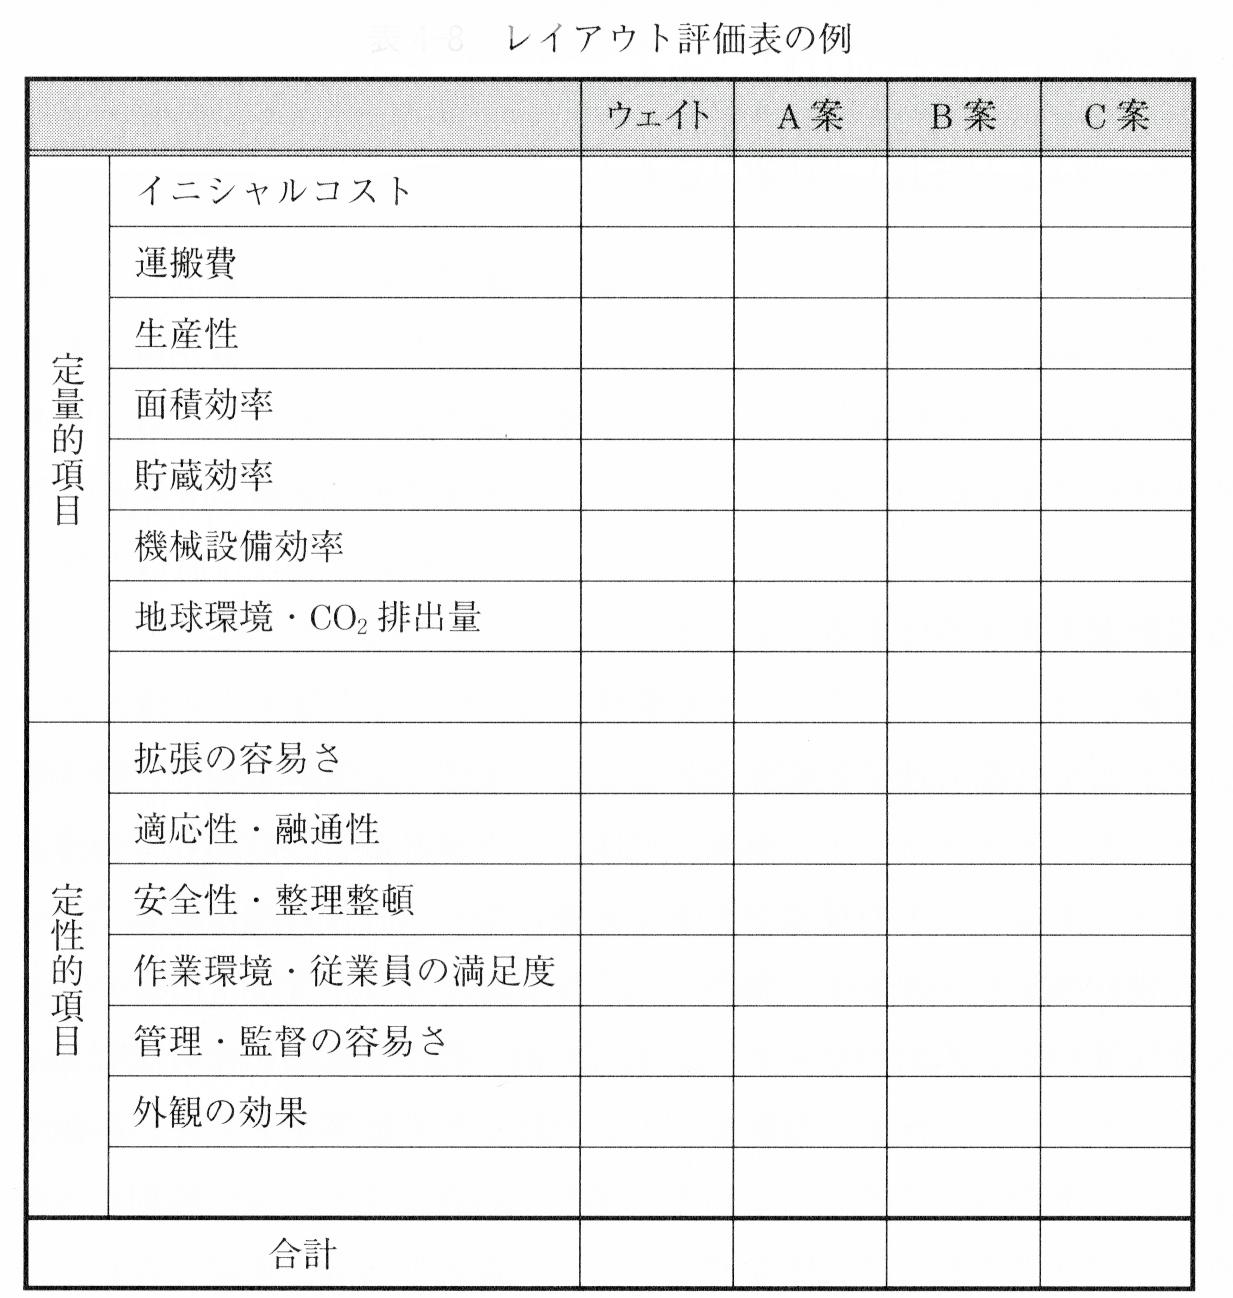 レイアウト評価表の例